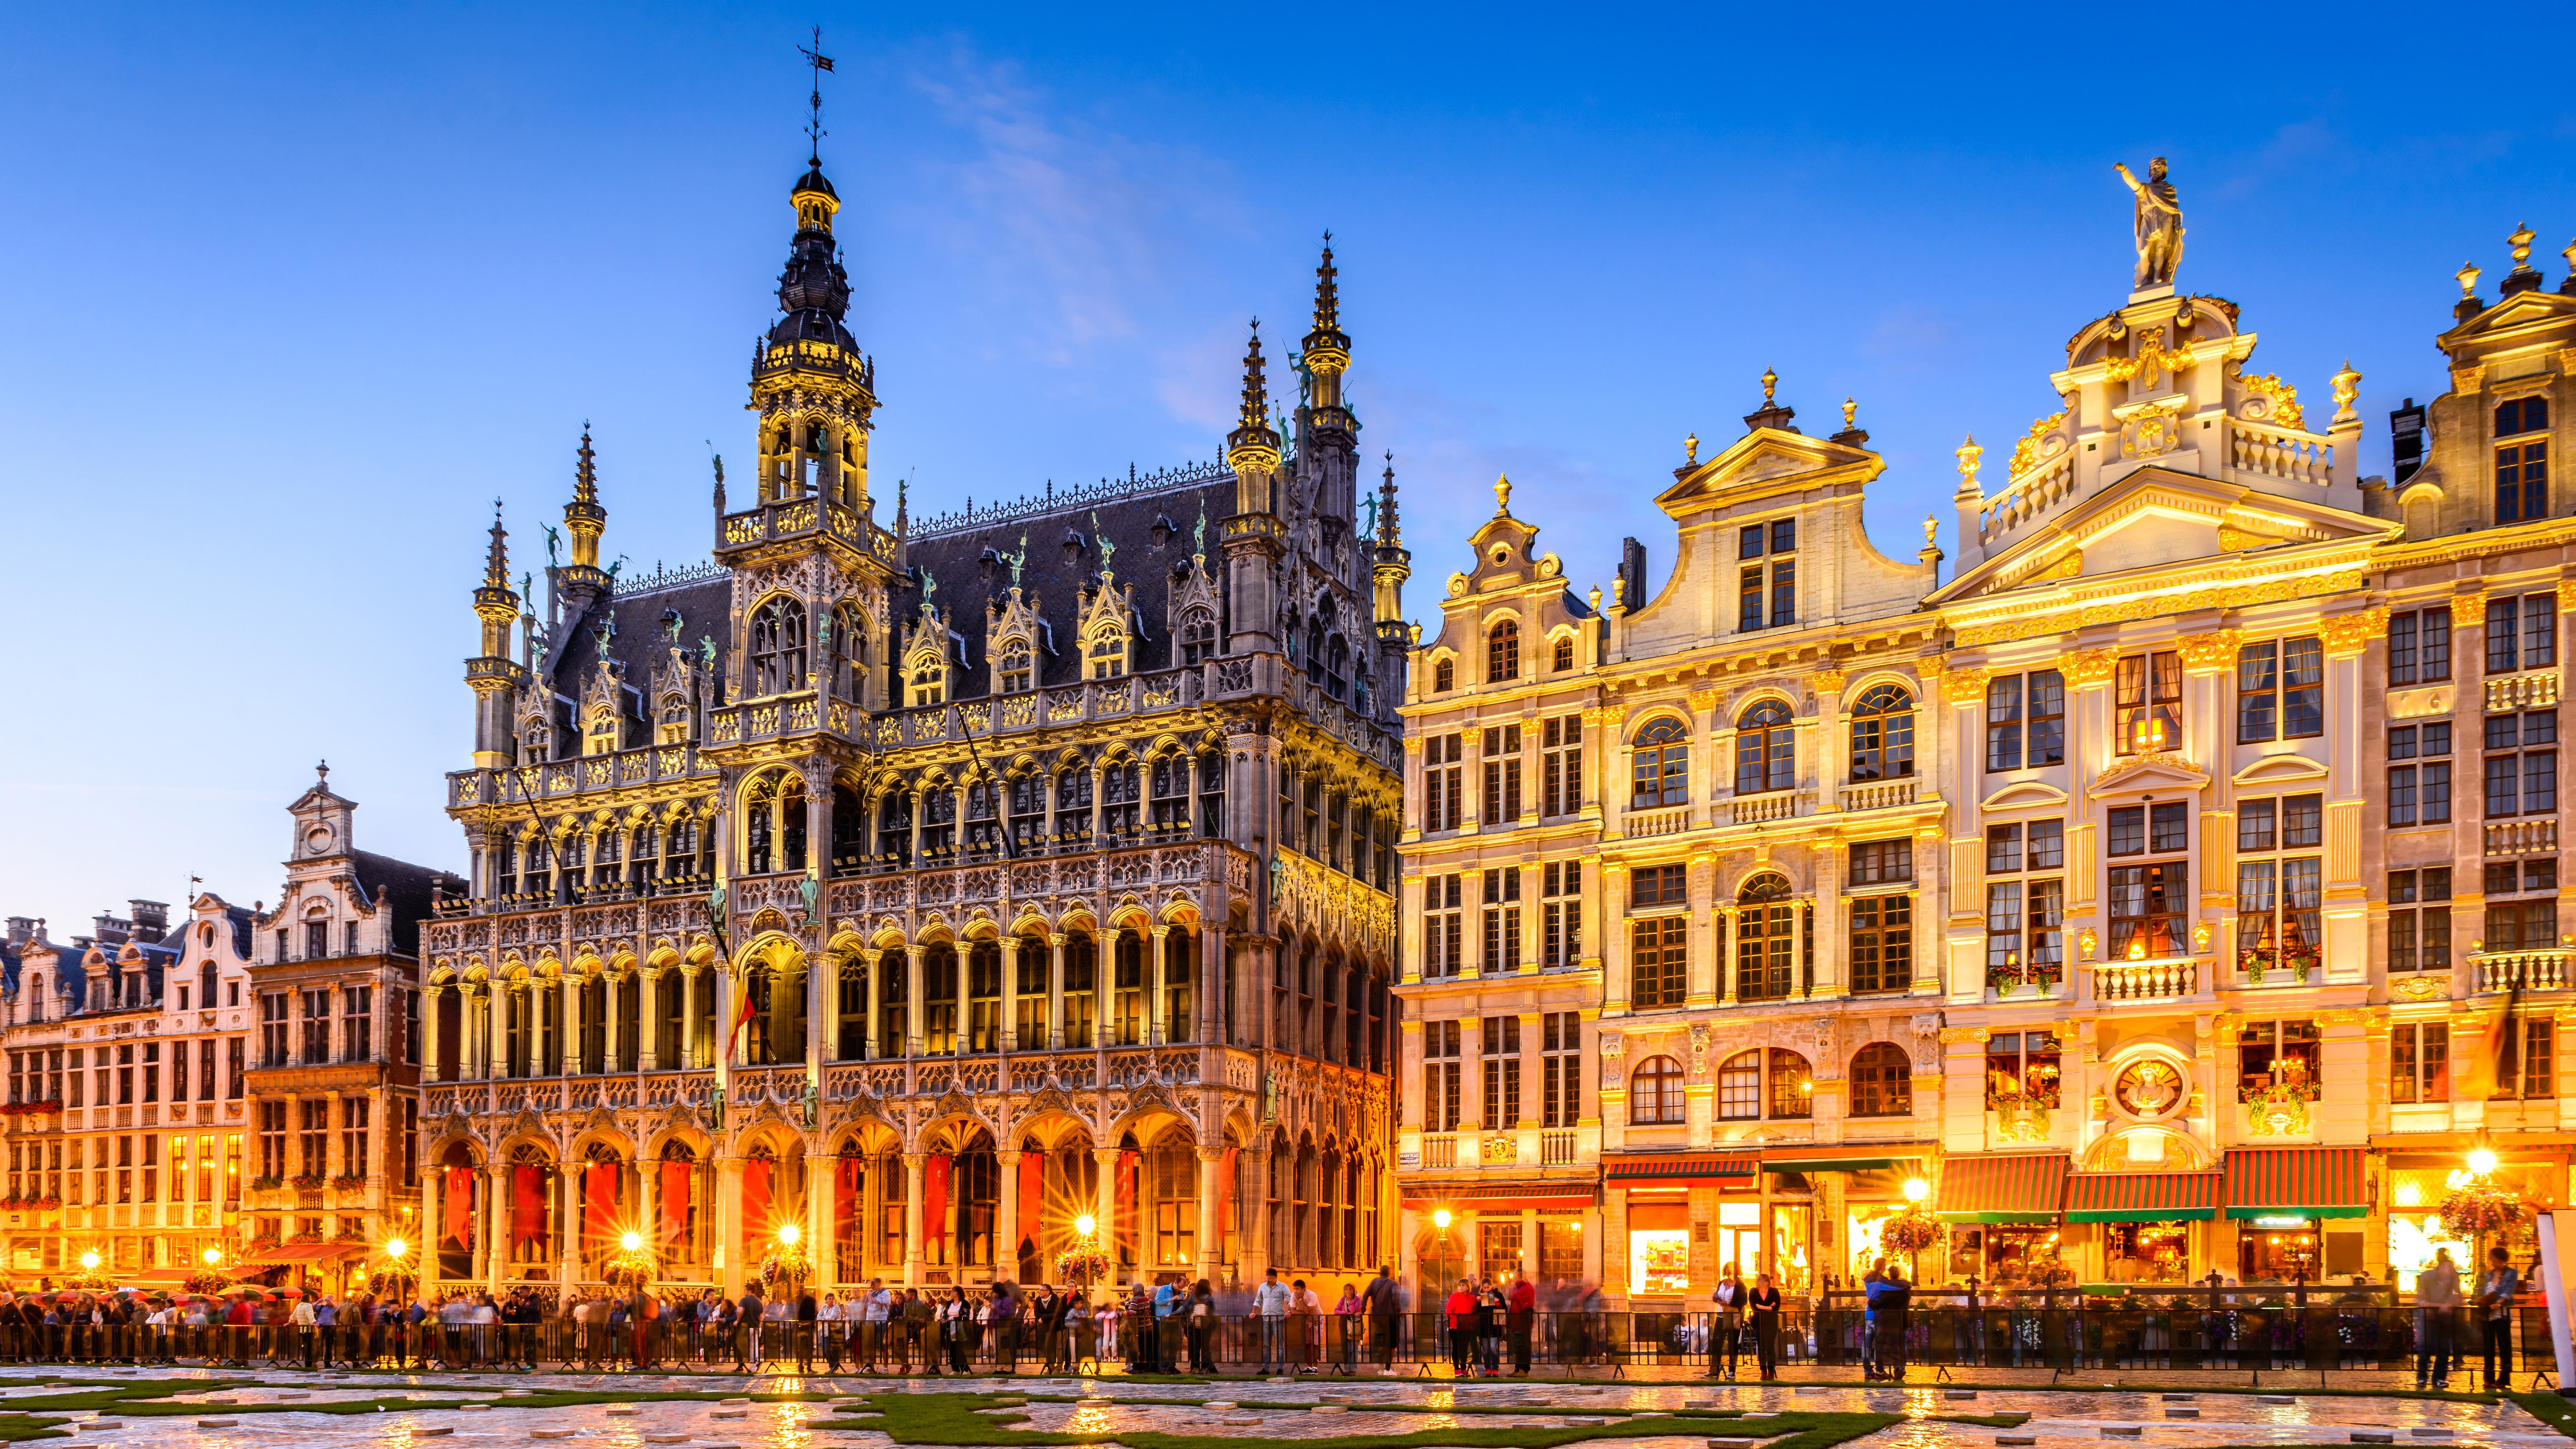 Гранд-Палас в Брюсселе, столице Бельгии, ВНЖ которой могут получить россияне, украинцы и белорусы